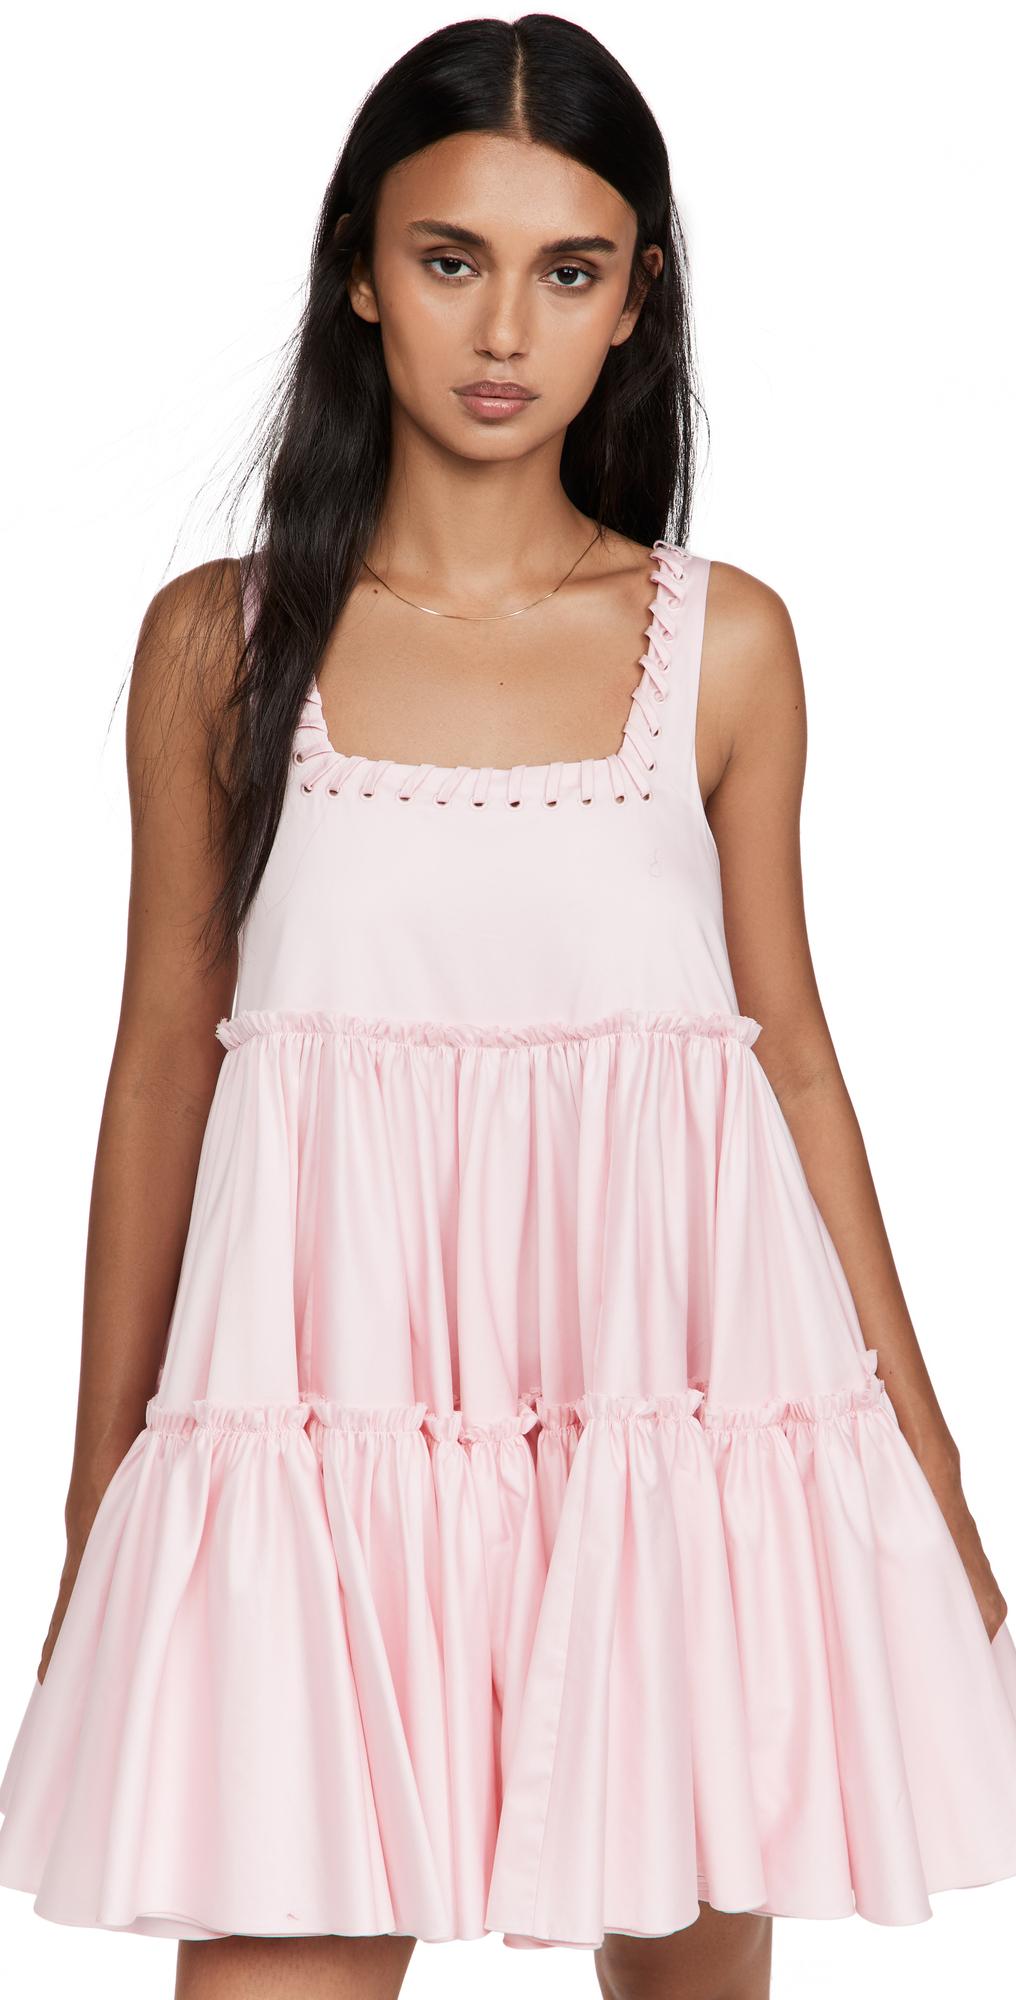 Hushed Mini Dress